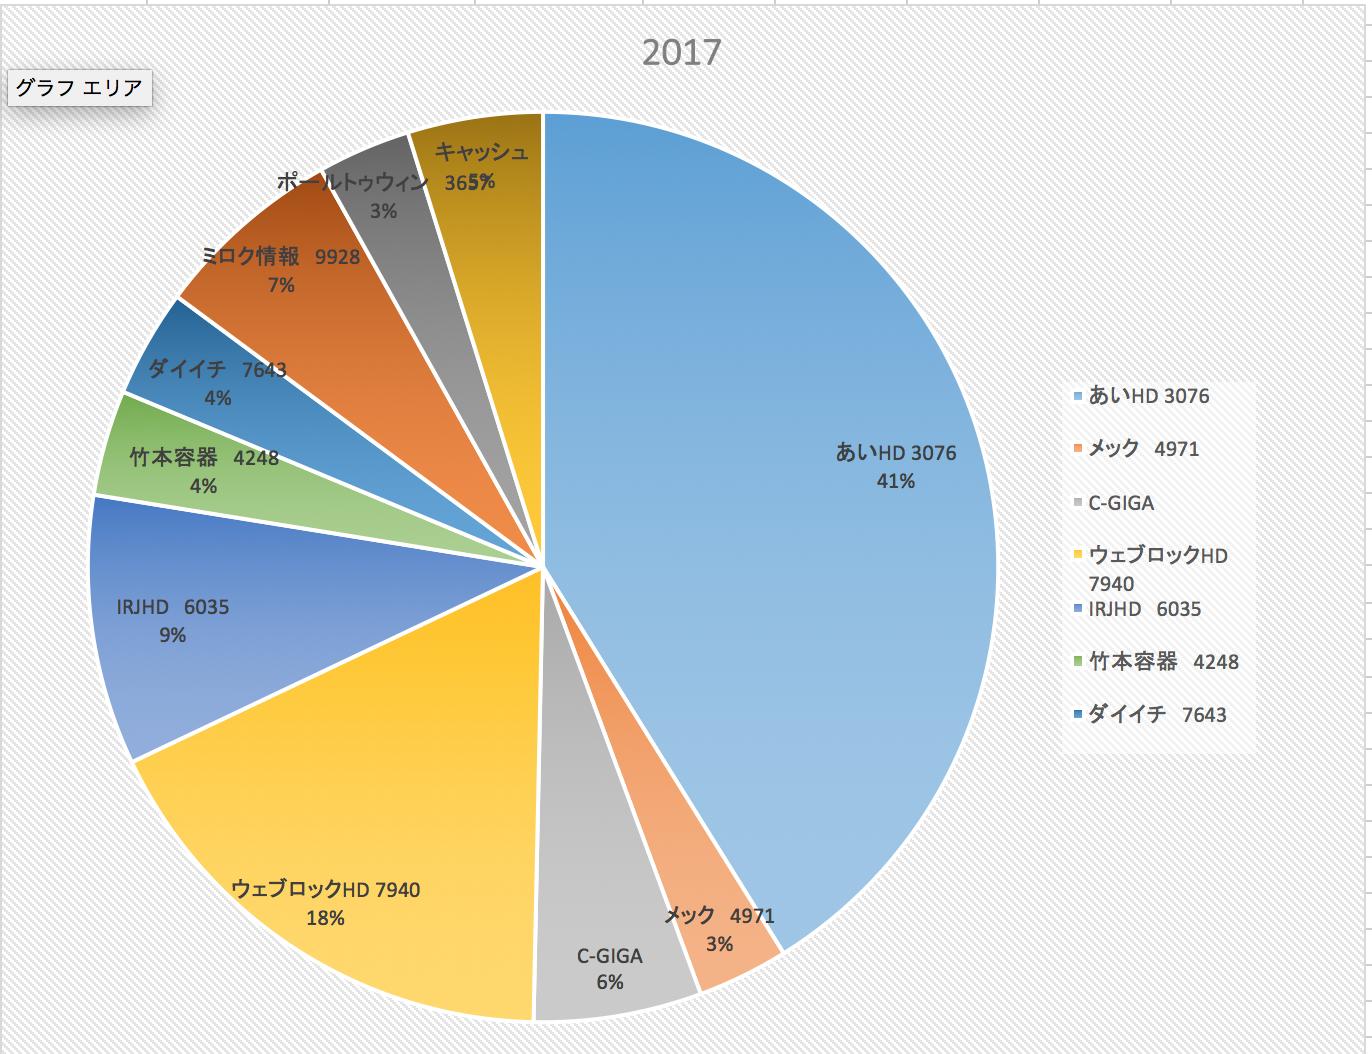 インデックス運用+αのディメンショナルファンド(株式投資成績報告2017/8/26)